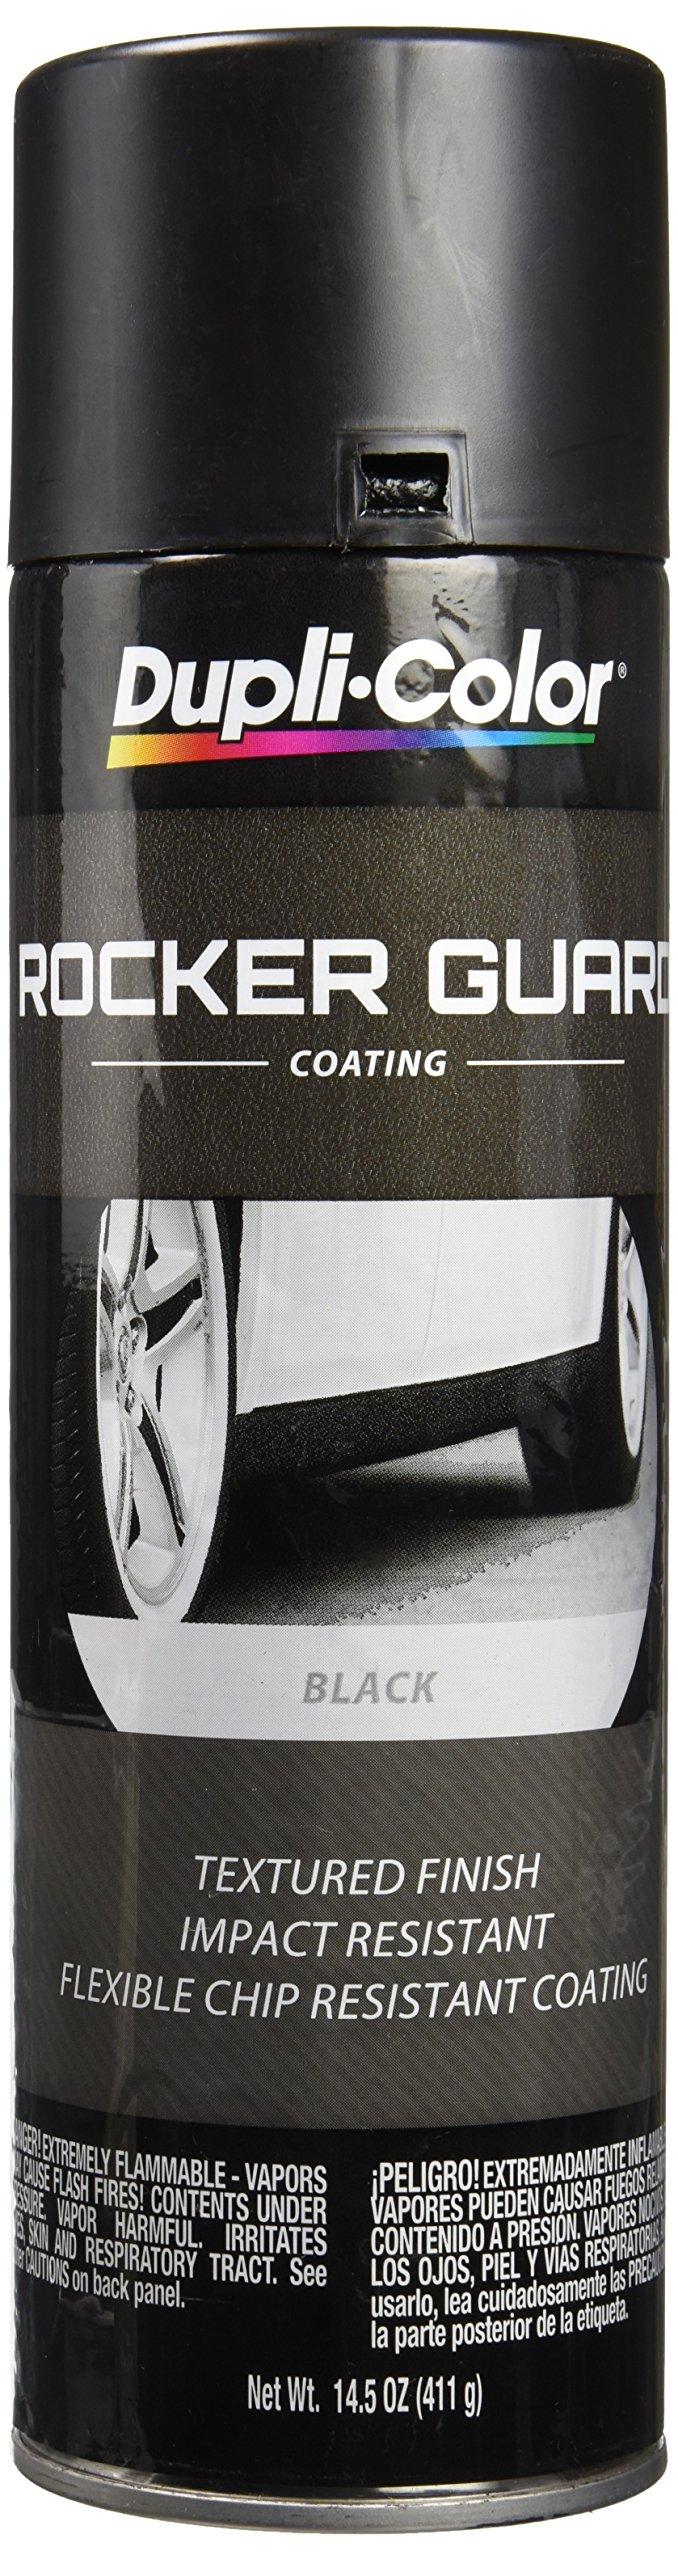 Dupli-Color Black ERGA10100 Rocker Guard Coating, Matte, 14.5 Ounce, 14.5 Fluid_Ounces by Dupli-Color